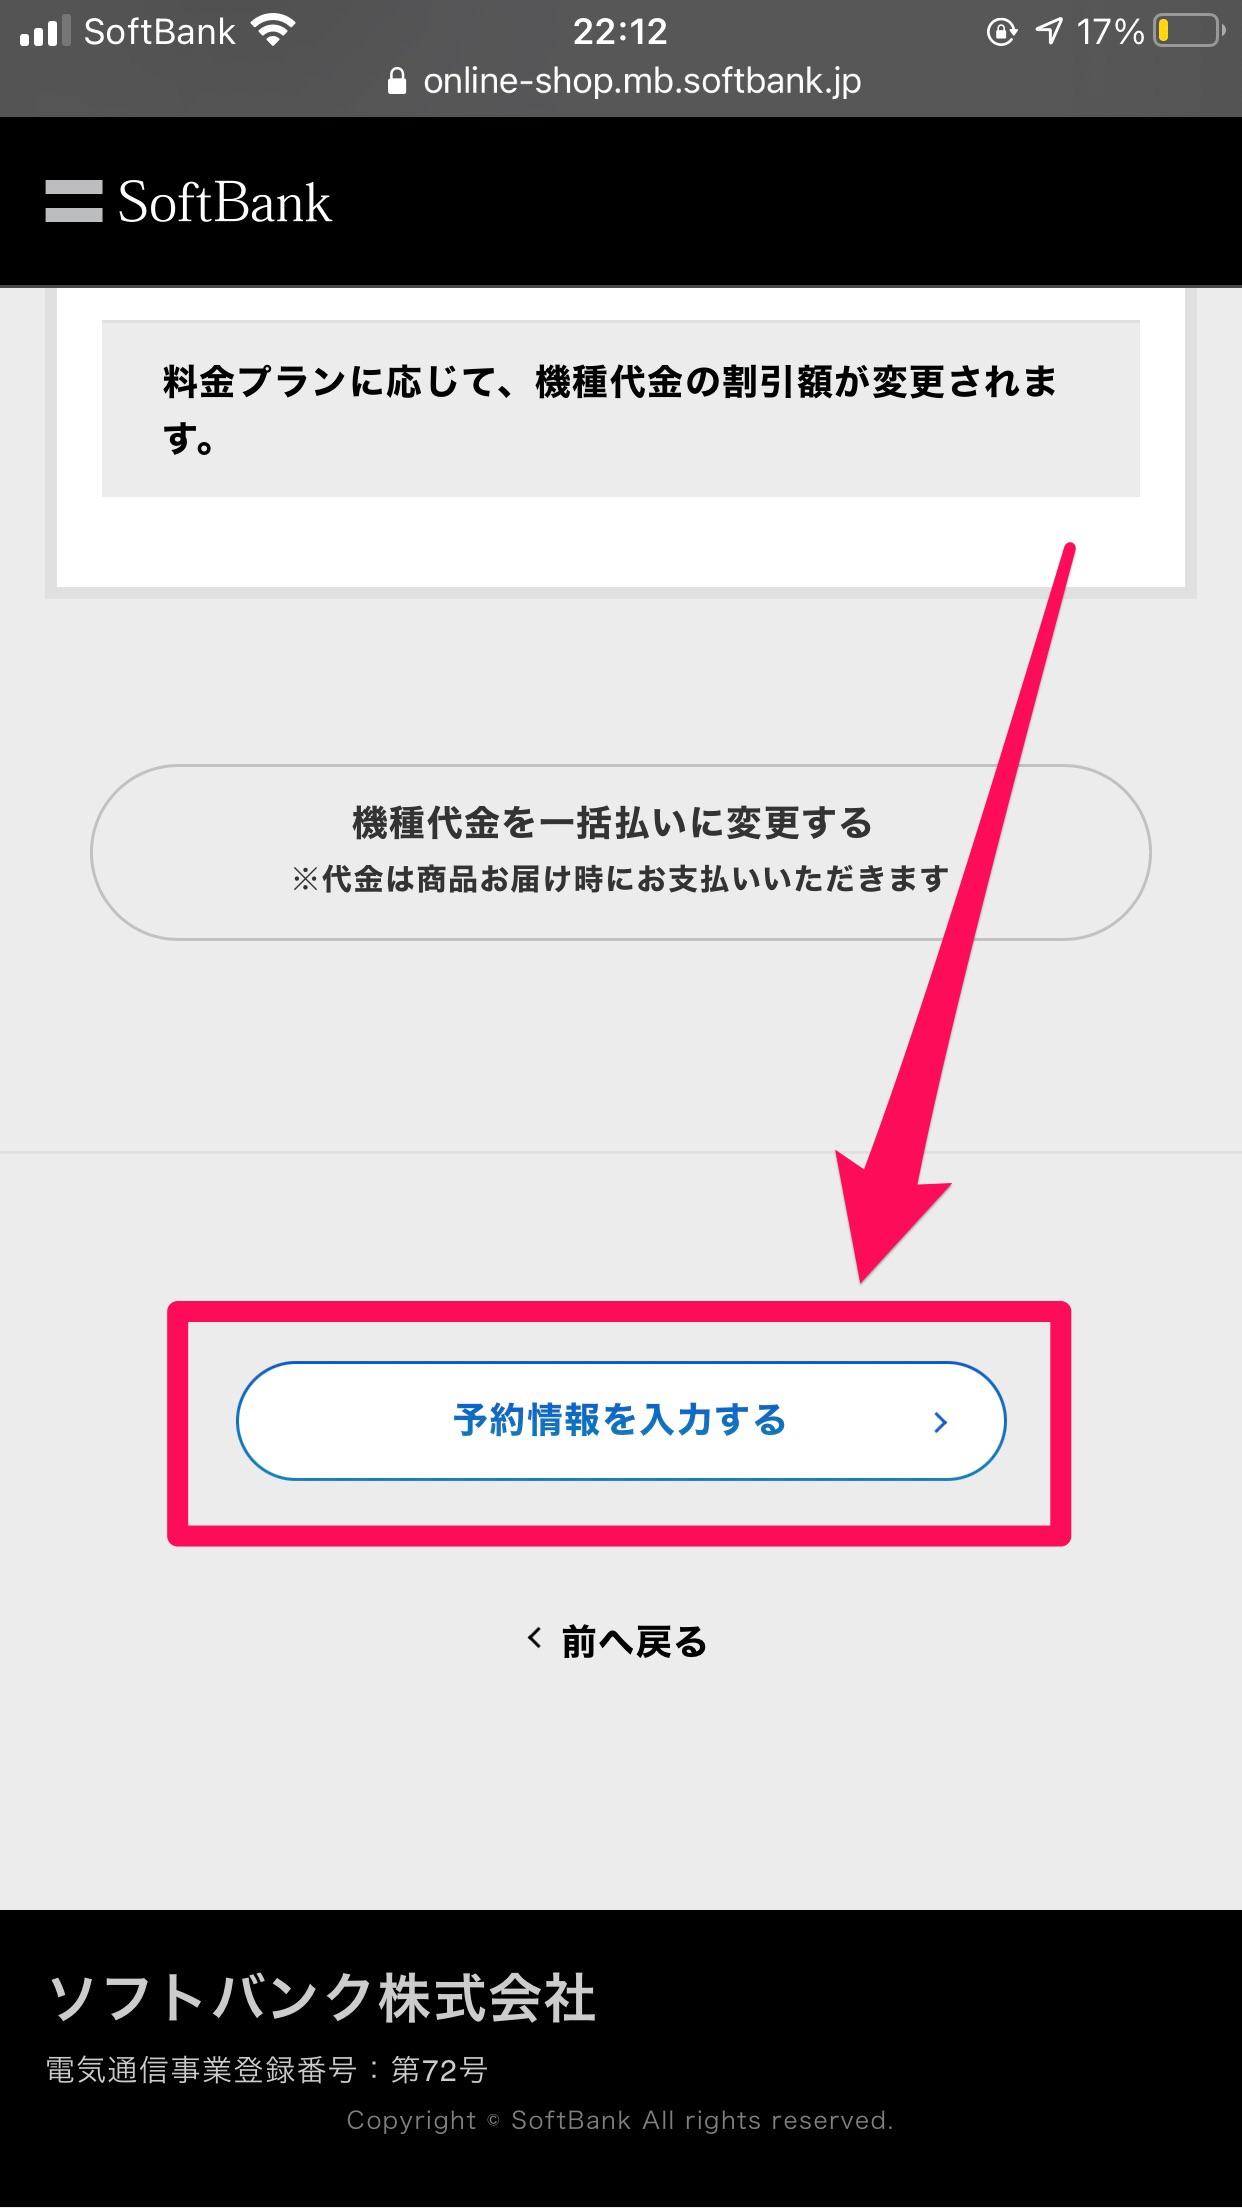 ソフトバンクオンラインショップでiPhone 12購入8